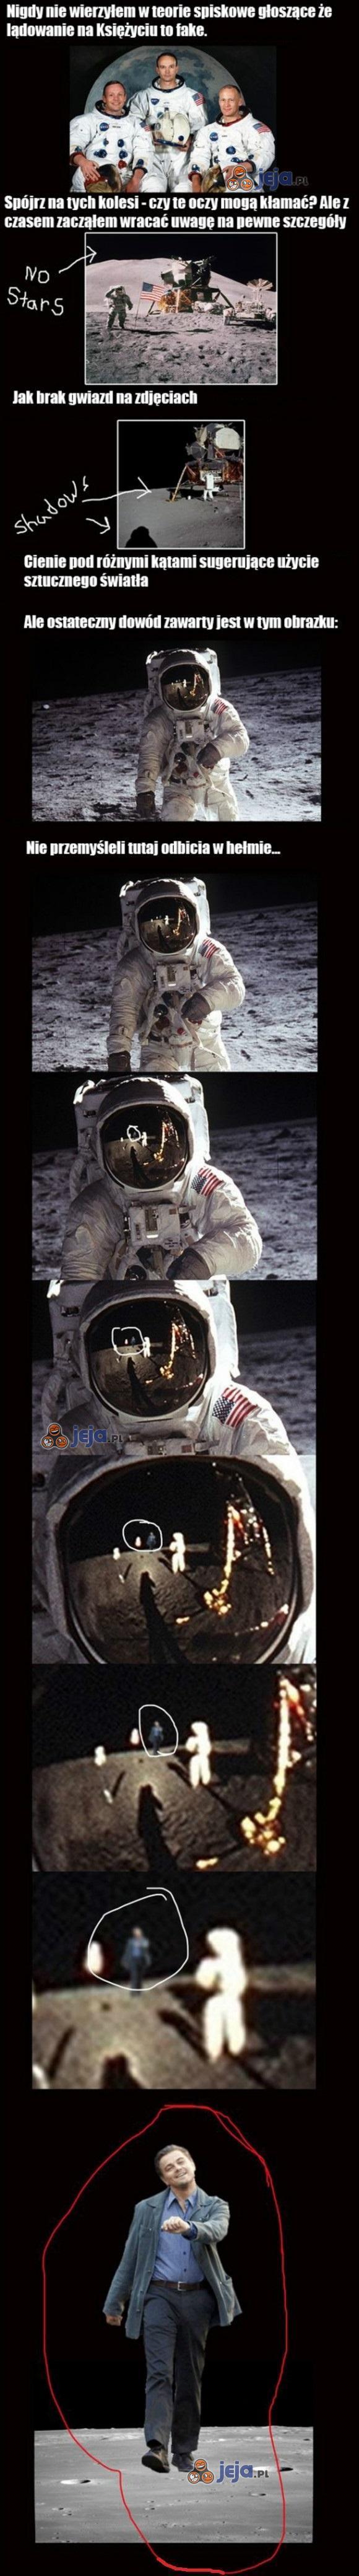 Cała prawda o lądowaniu na Księżycu